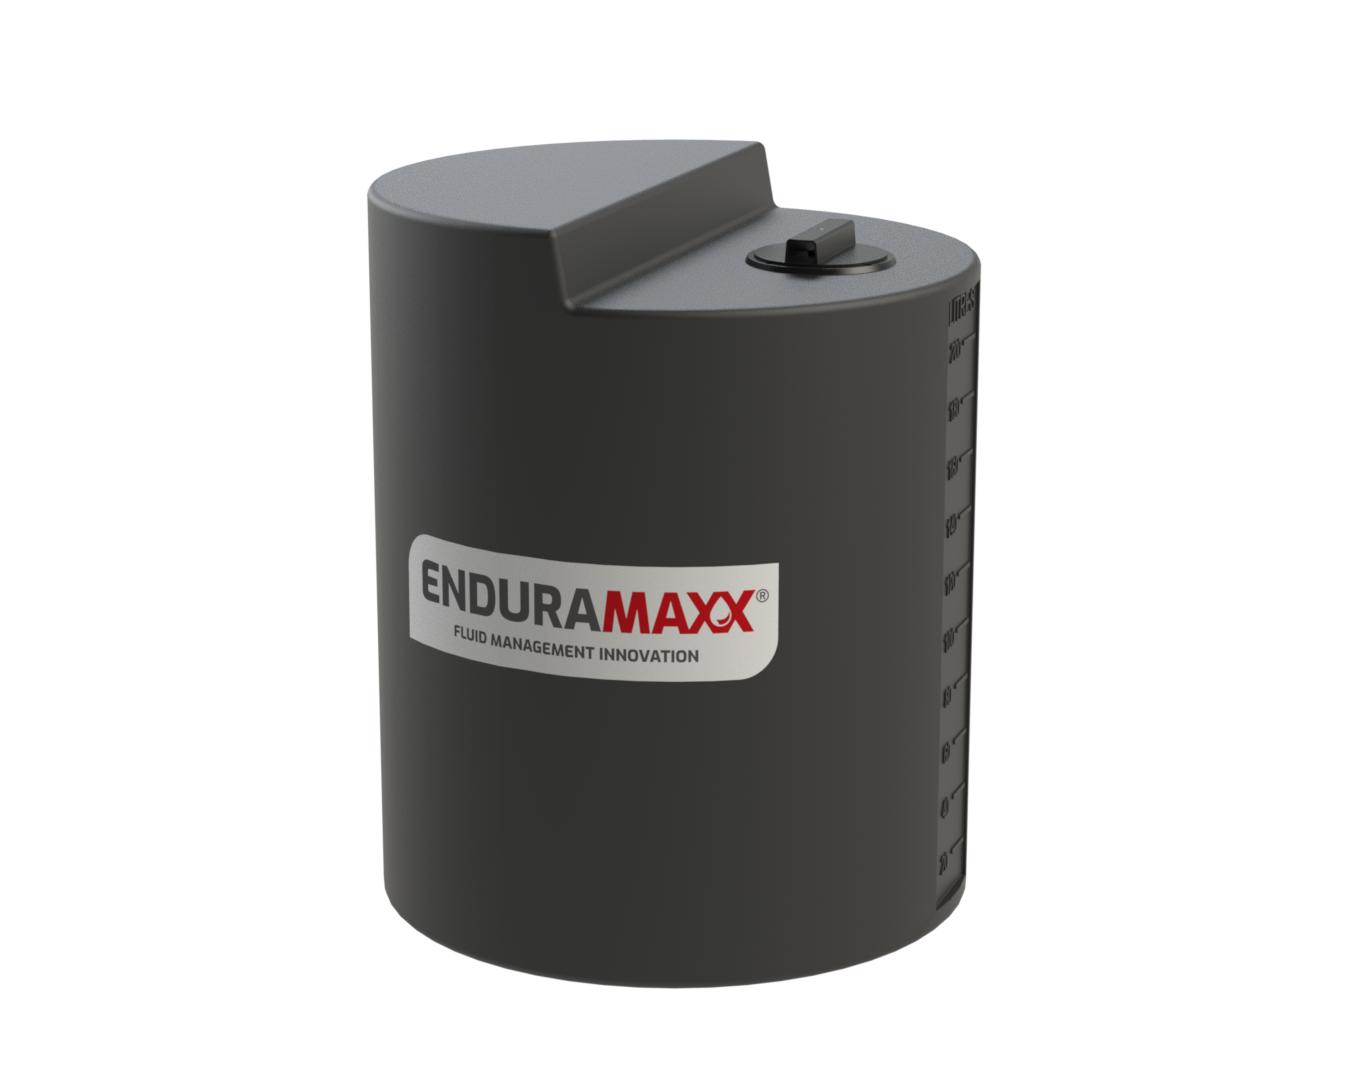 Enduramaxx 172702 200 Litre Water Tank, Non-Potable